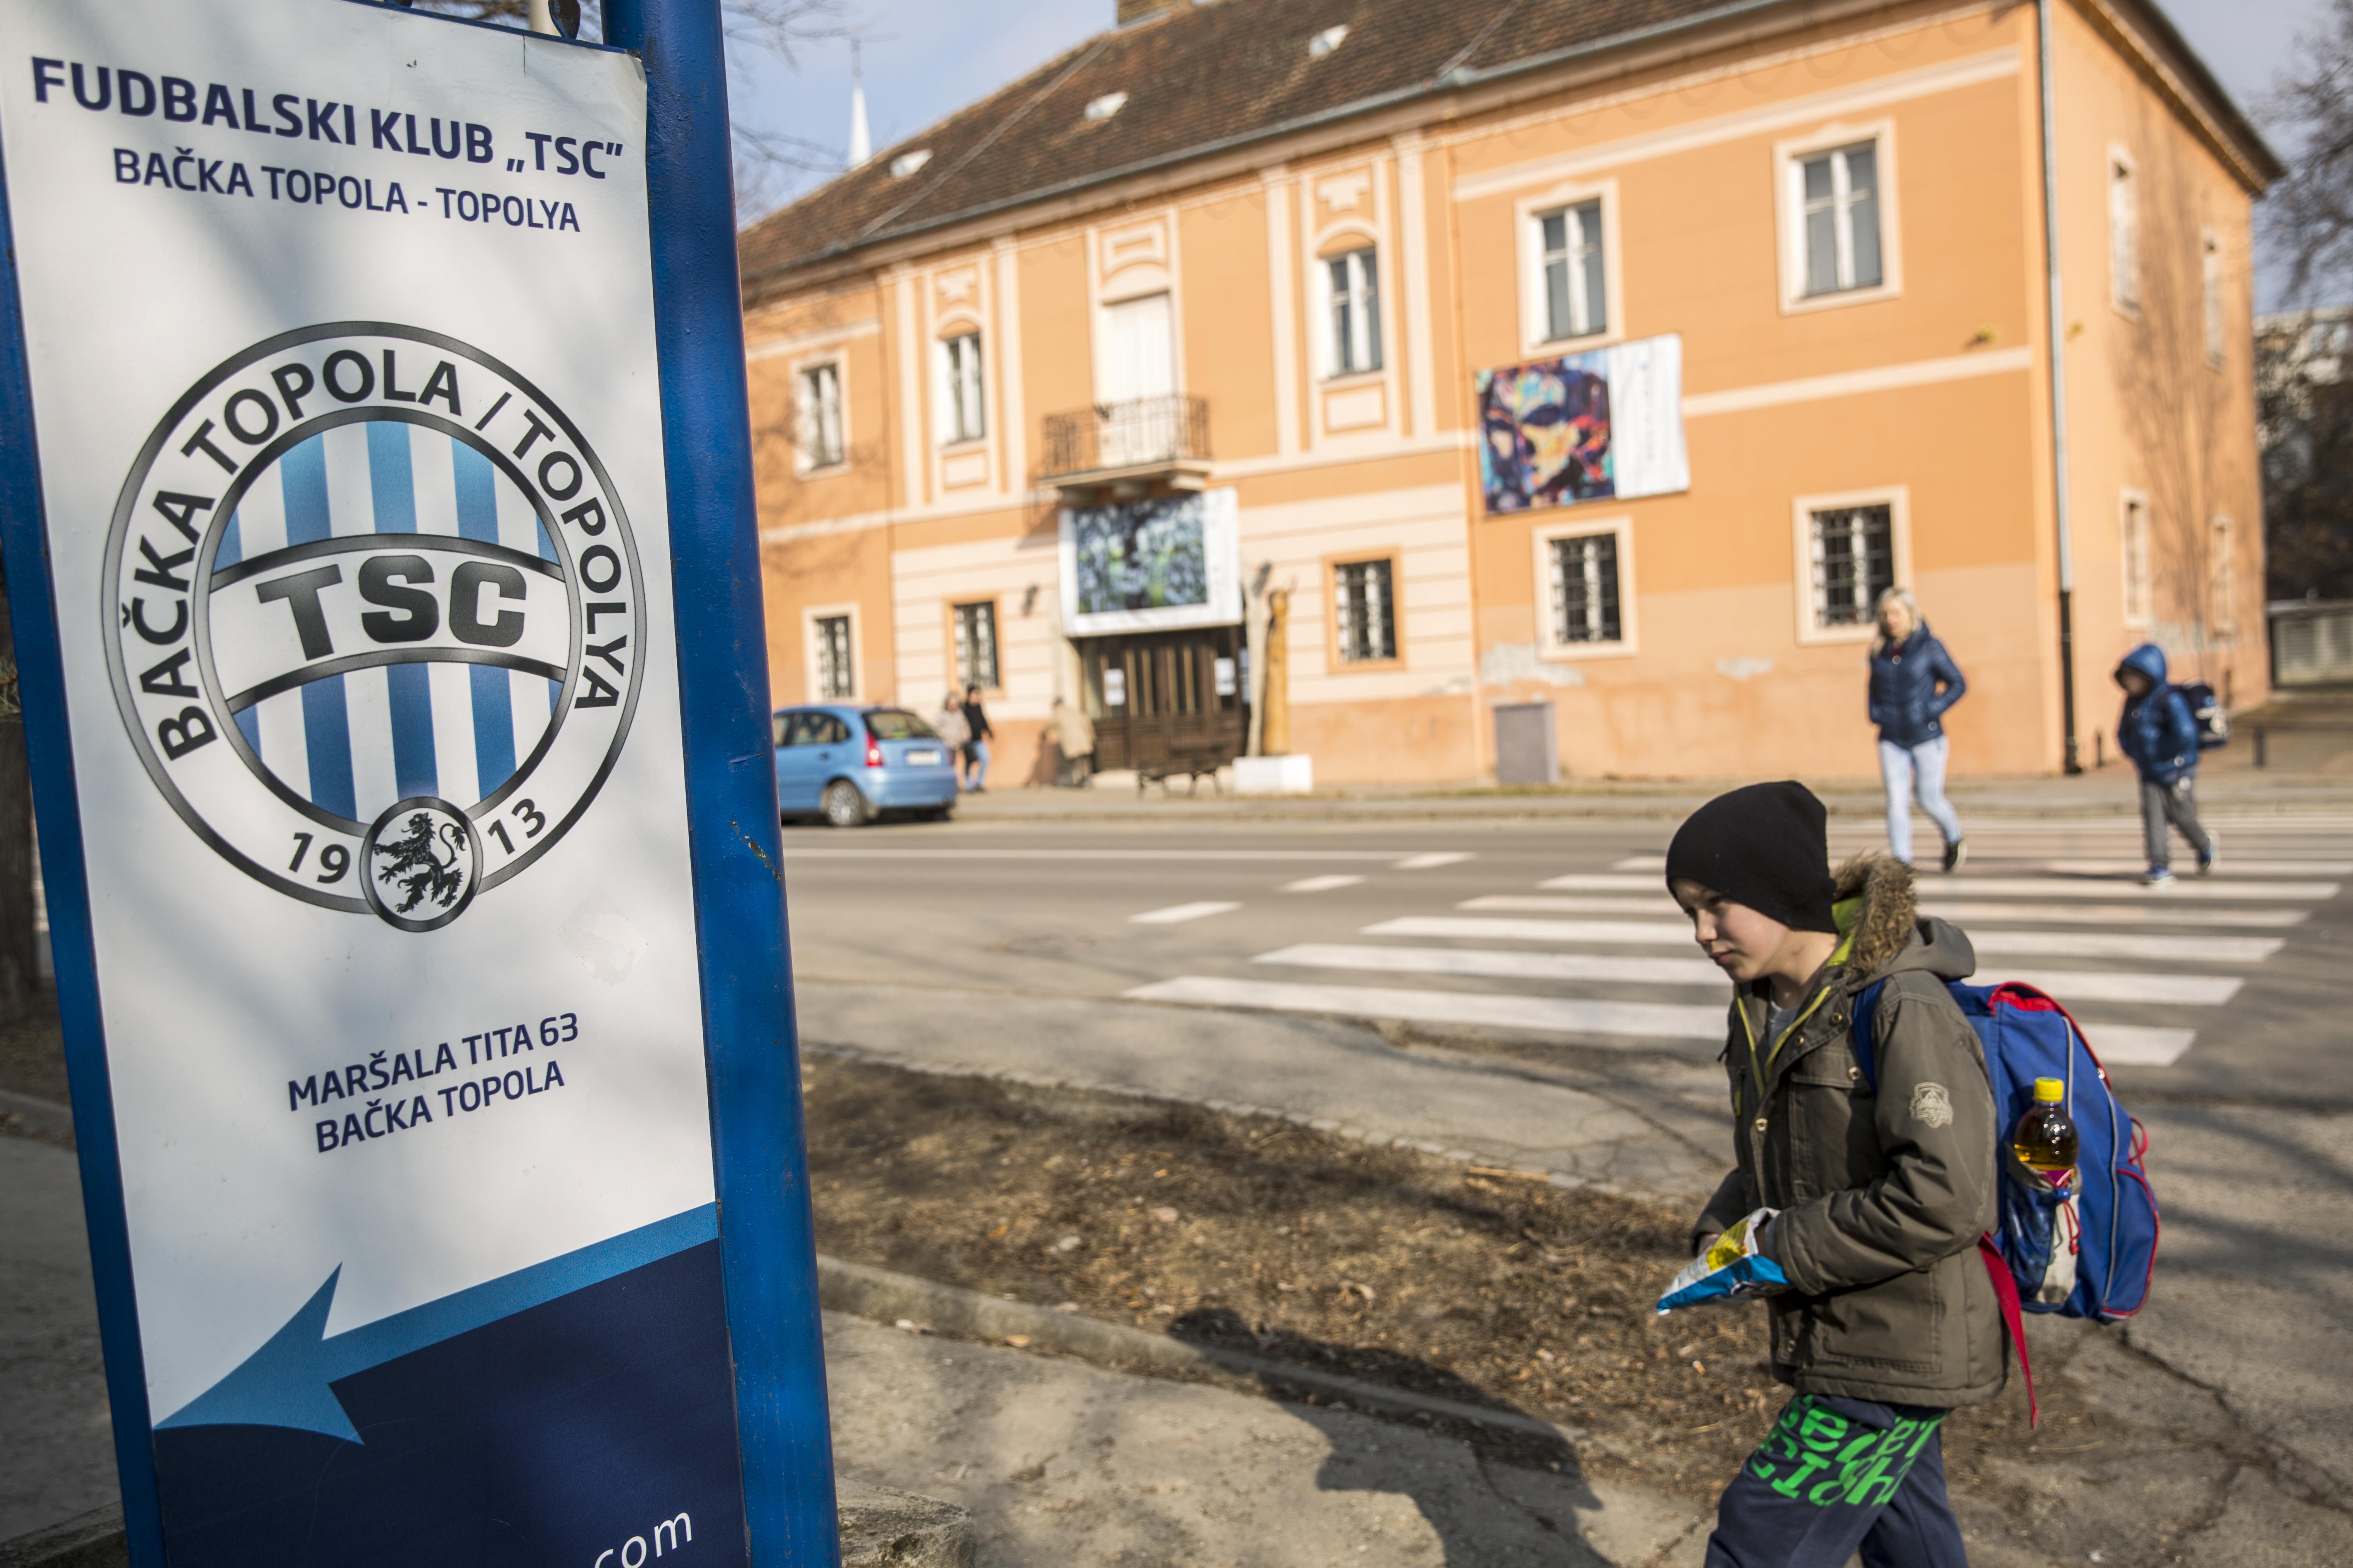 Nem elég Magyarország, már külföldön terjeszkedik a csodálatos magyar futball